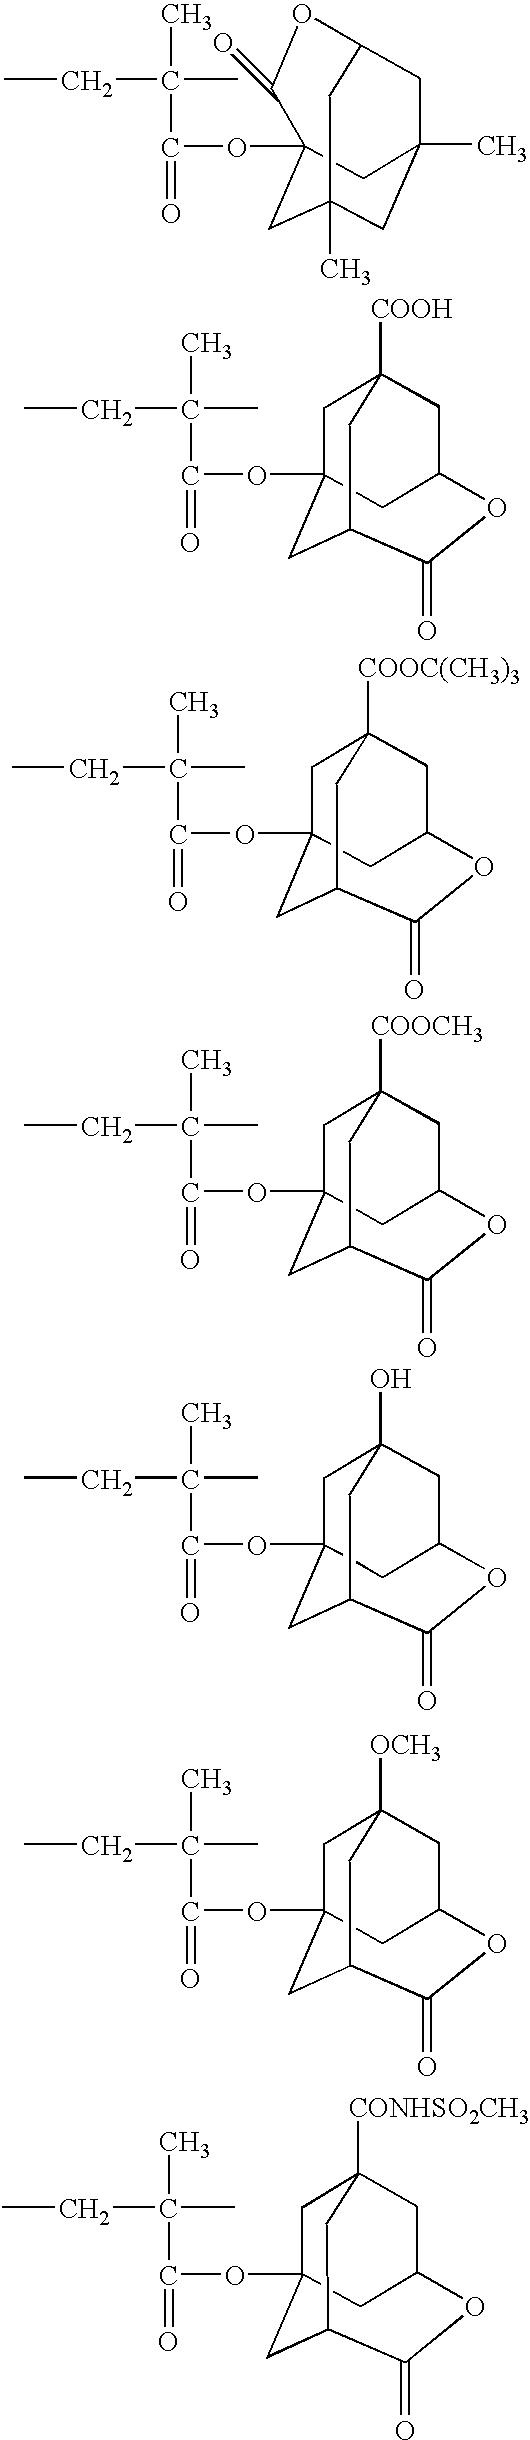 Figure US20030186161A1-20031002-C00110